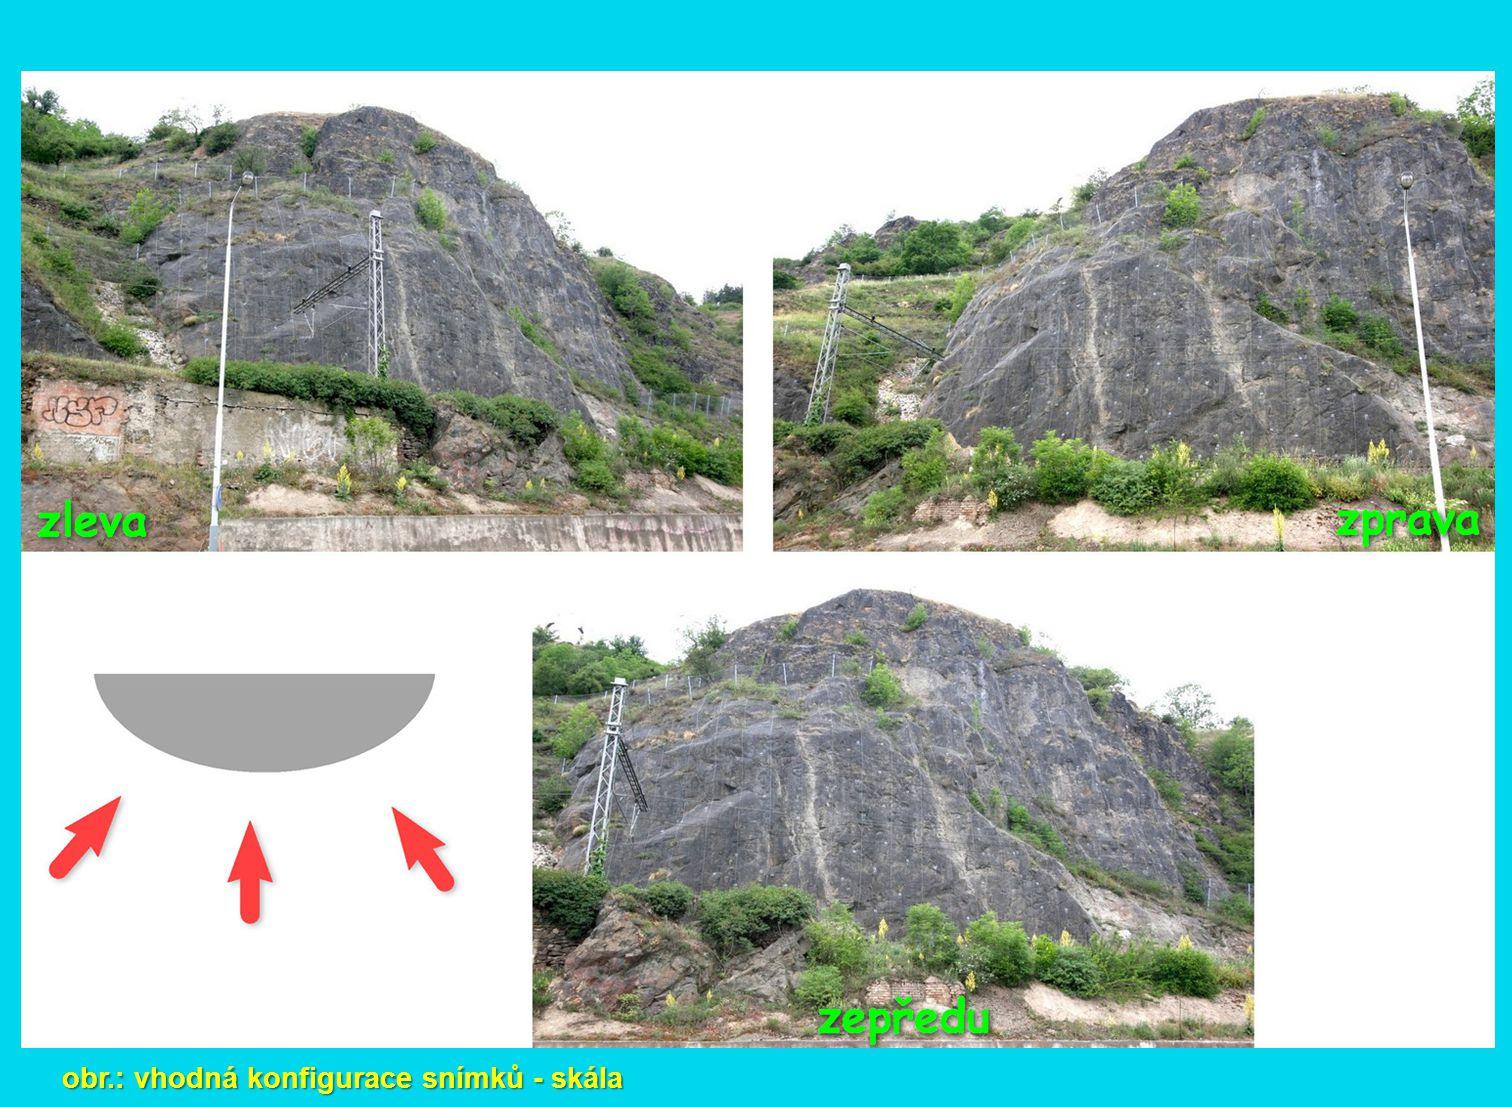 obr.: vhodná konfigurace snímků - skála